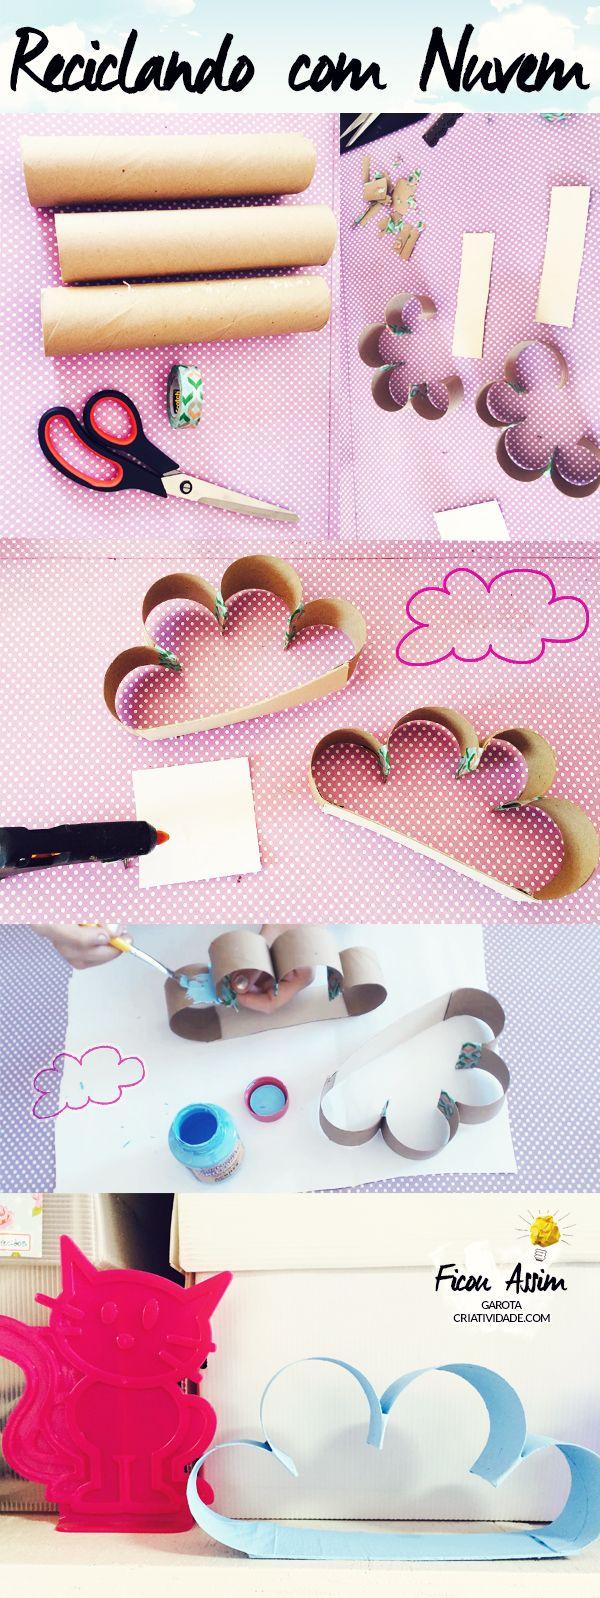 Nuvem de Papelão http://www.garotacriatividade.com/reciclar/  #DIY #reciclagem #recicle #recycle